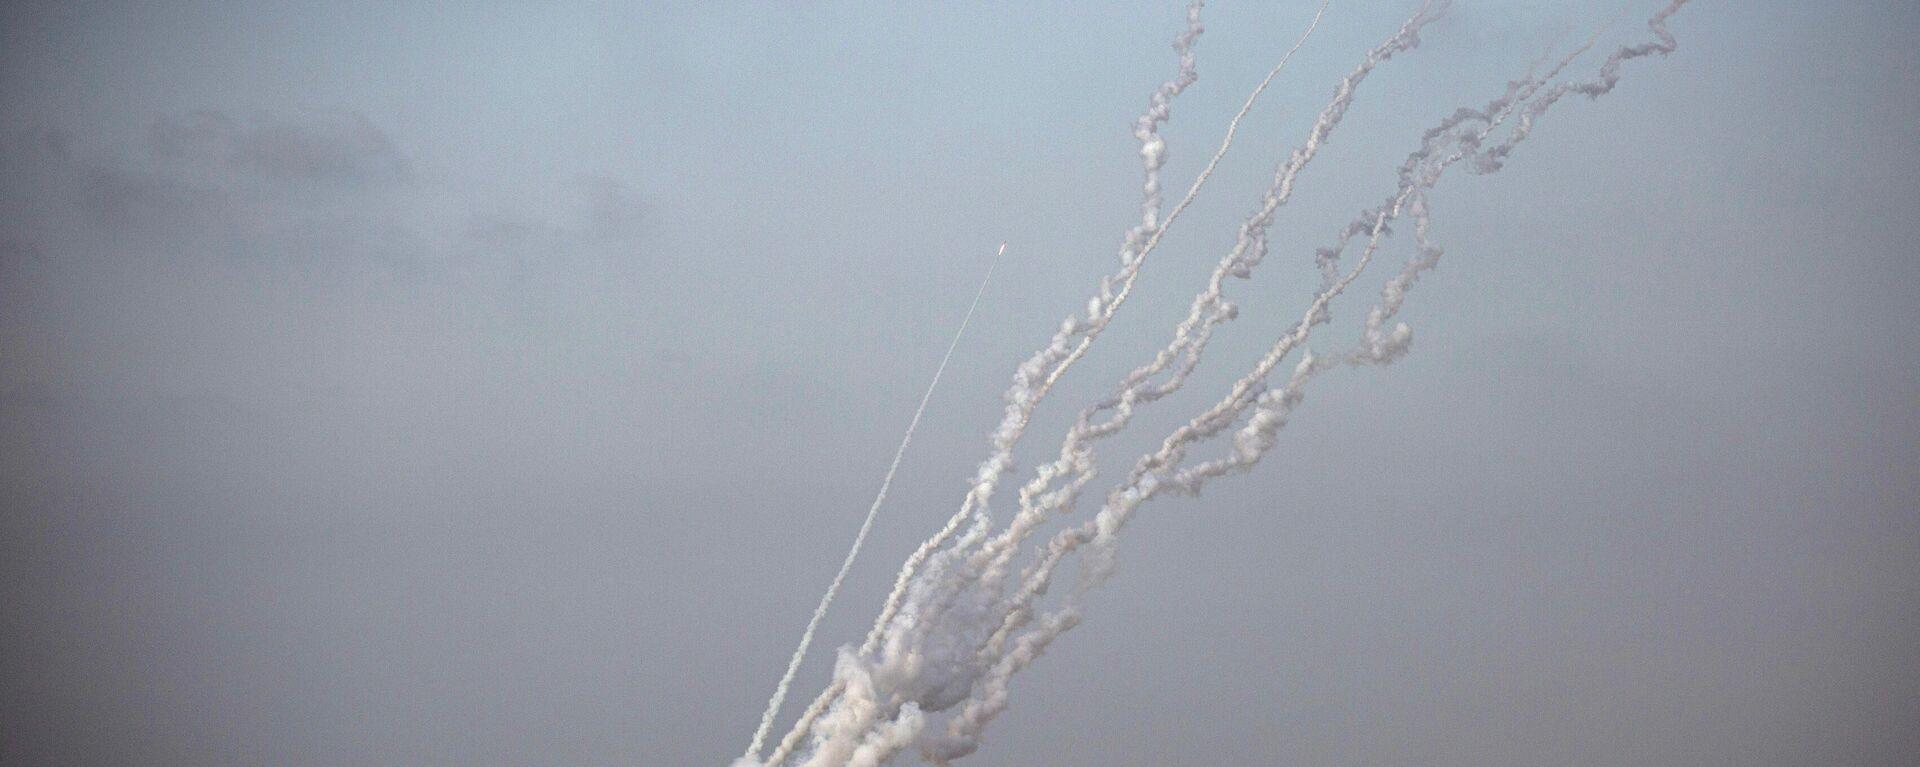 Angriff aus dem Gazastreifen auf Israel (Archivbild) - SNA, 1920, 18.06.2021